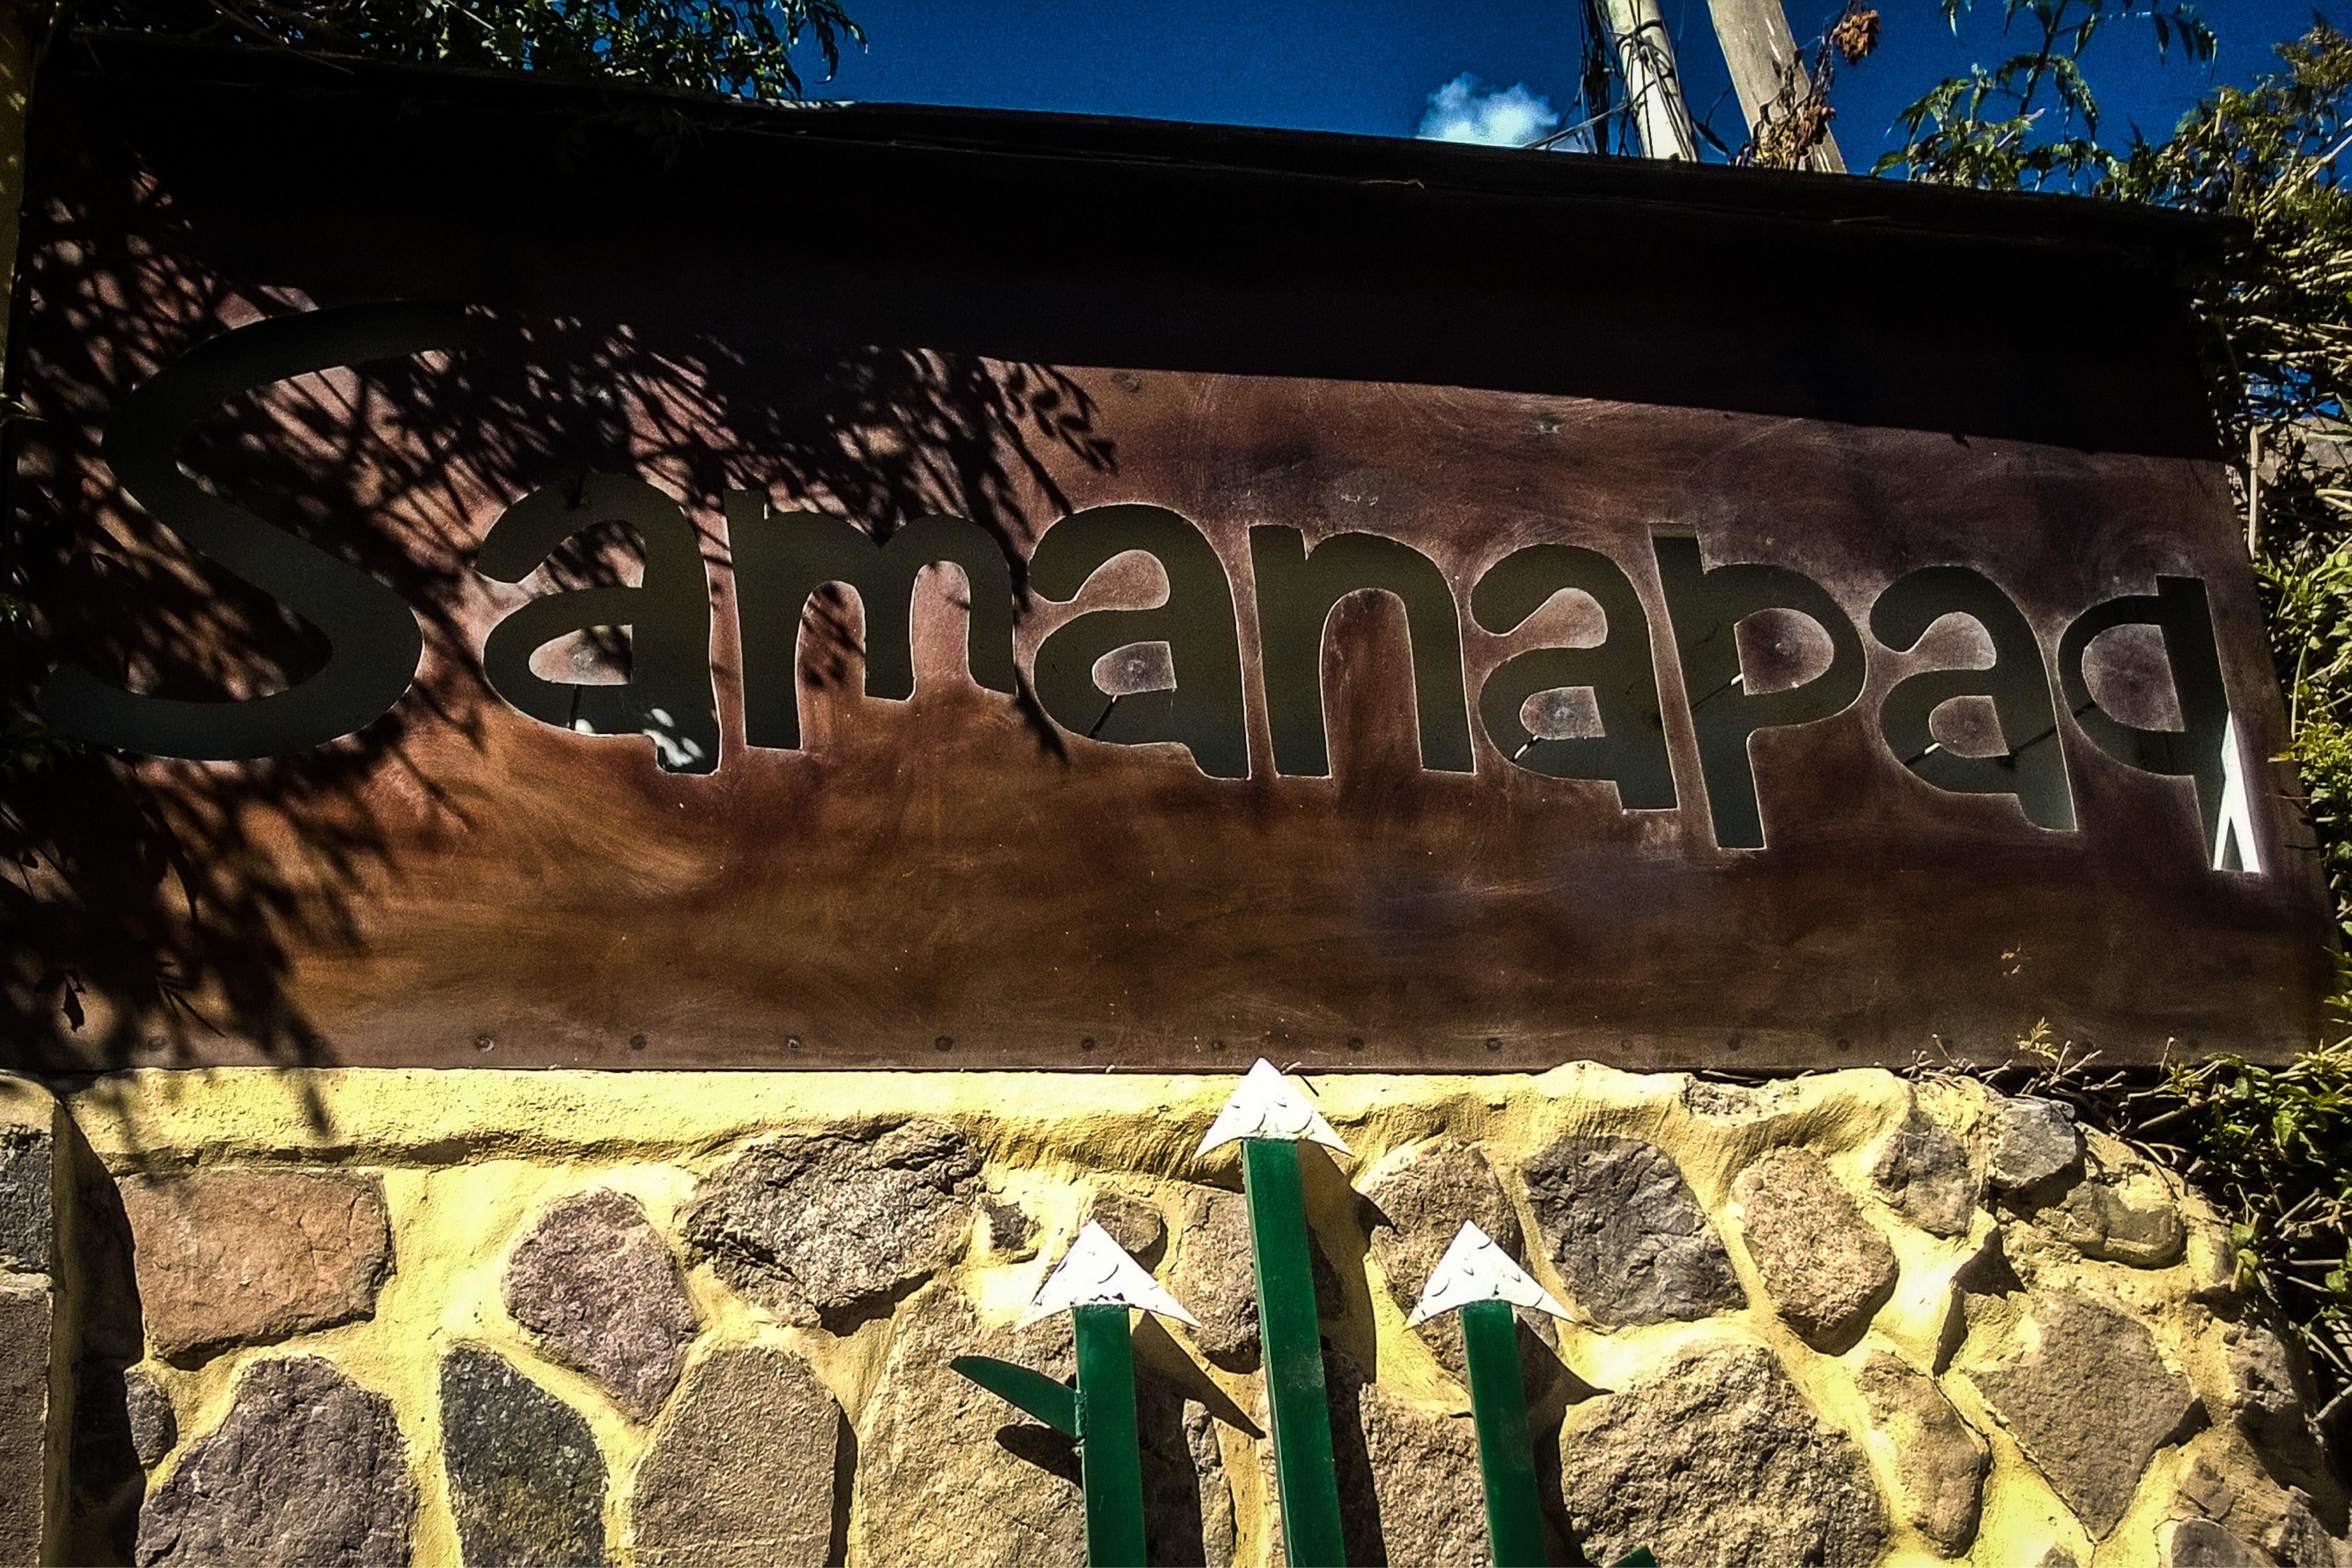 Hotel Samanapaq sign